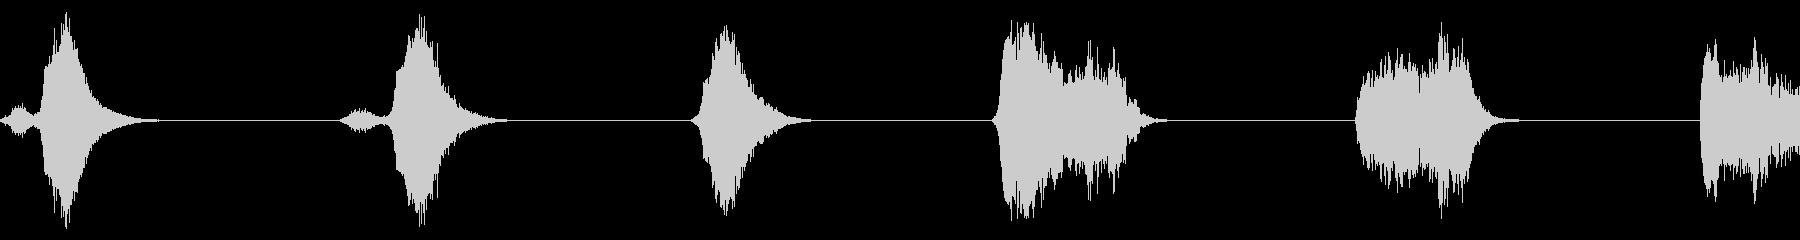 ファイアボールシアーズサンプルx6の未再生の波形